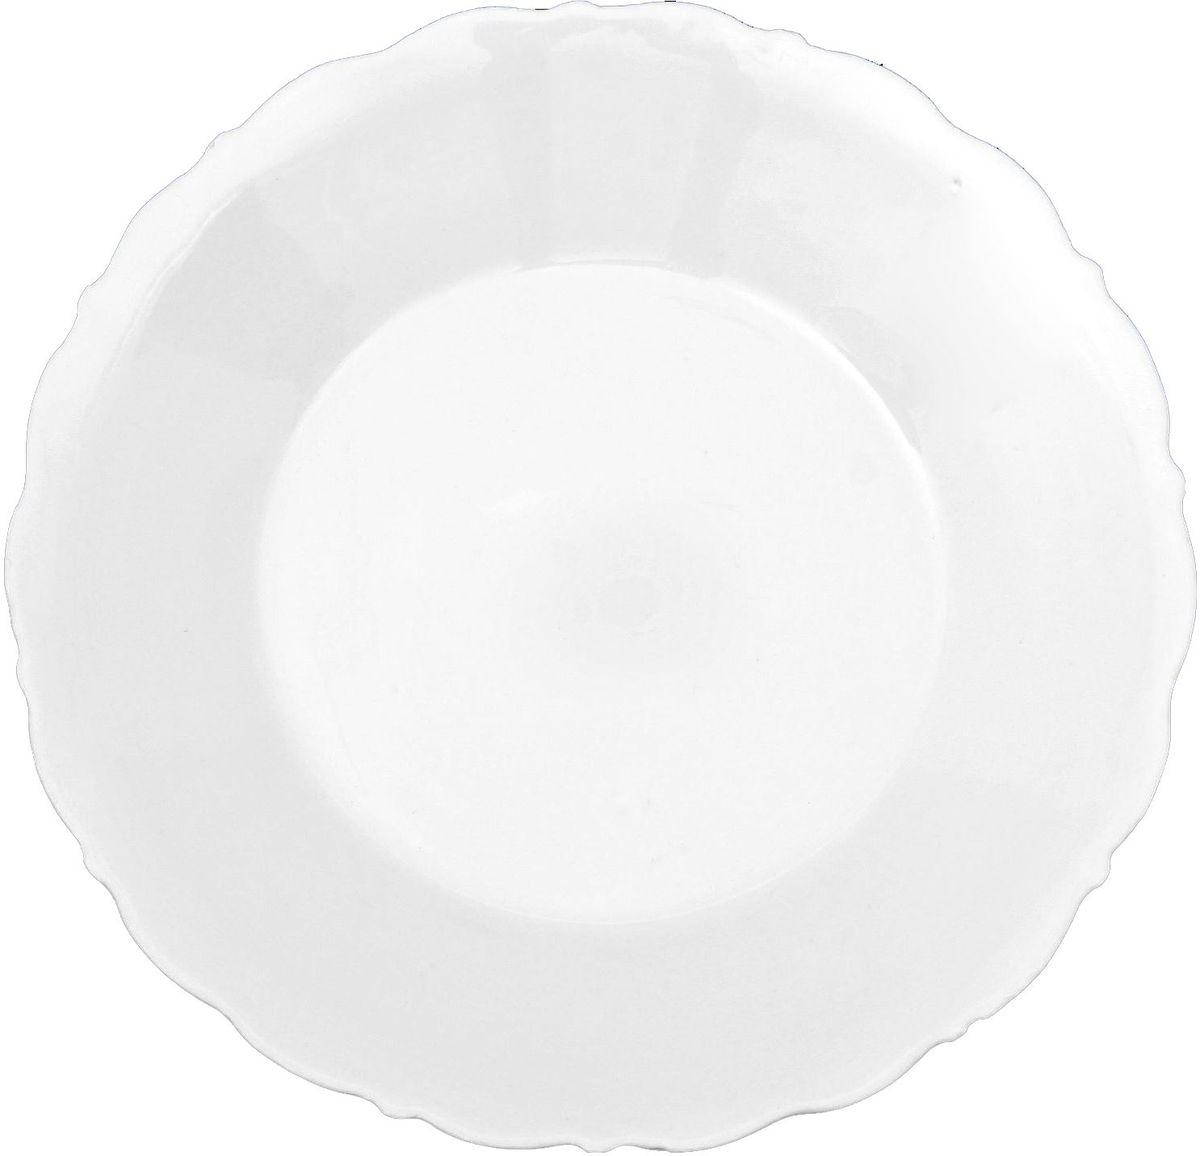 Тарелка Turon Porcelain Классика, диаметр 16 см1625427Узбекская посуда известна всему миру уже более тысячи лет. Ей любовались царские особы, на ней подавали еду шейхам и знатным персонам. Формула глазури передаётся из поколения в поколение. По сей день качественные изделия продолжают восхищать своей идеальной формой.Данный предмет подойдёт для повседневной и праздничной сервировки. Дополните стол текстилем и салфетками в тон, чтобы получить элегантное убранство с яркими акцентами.